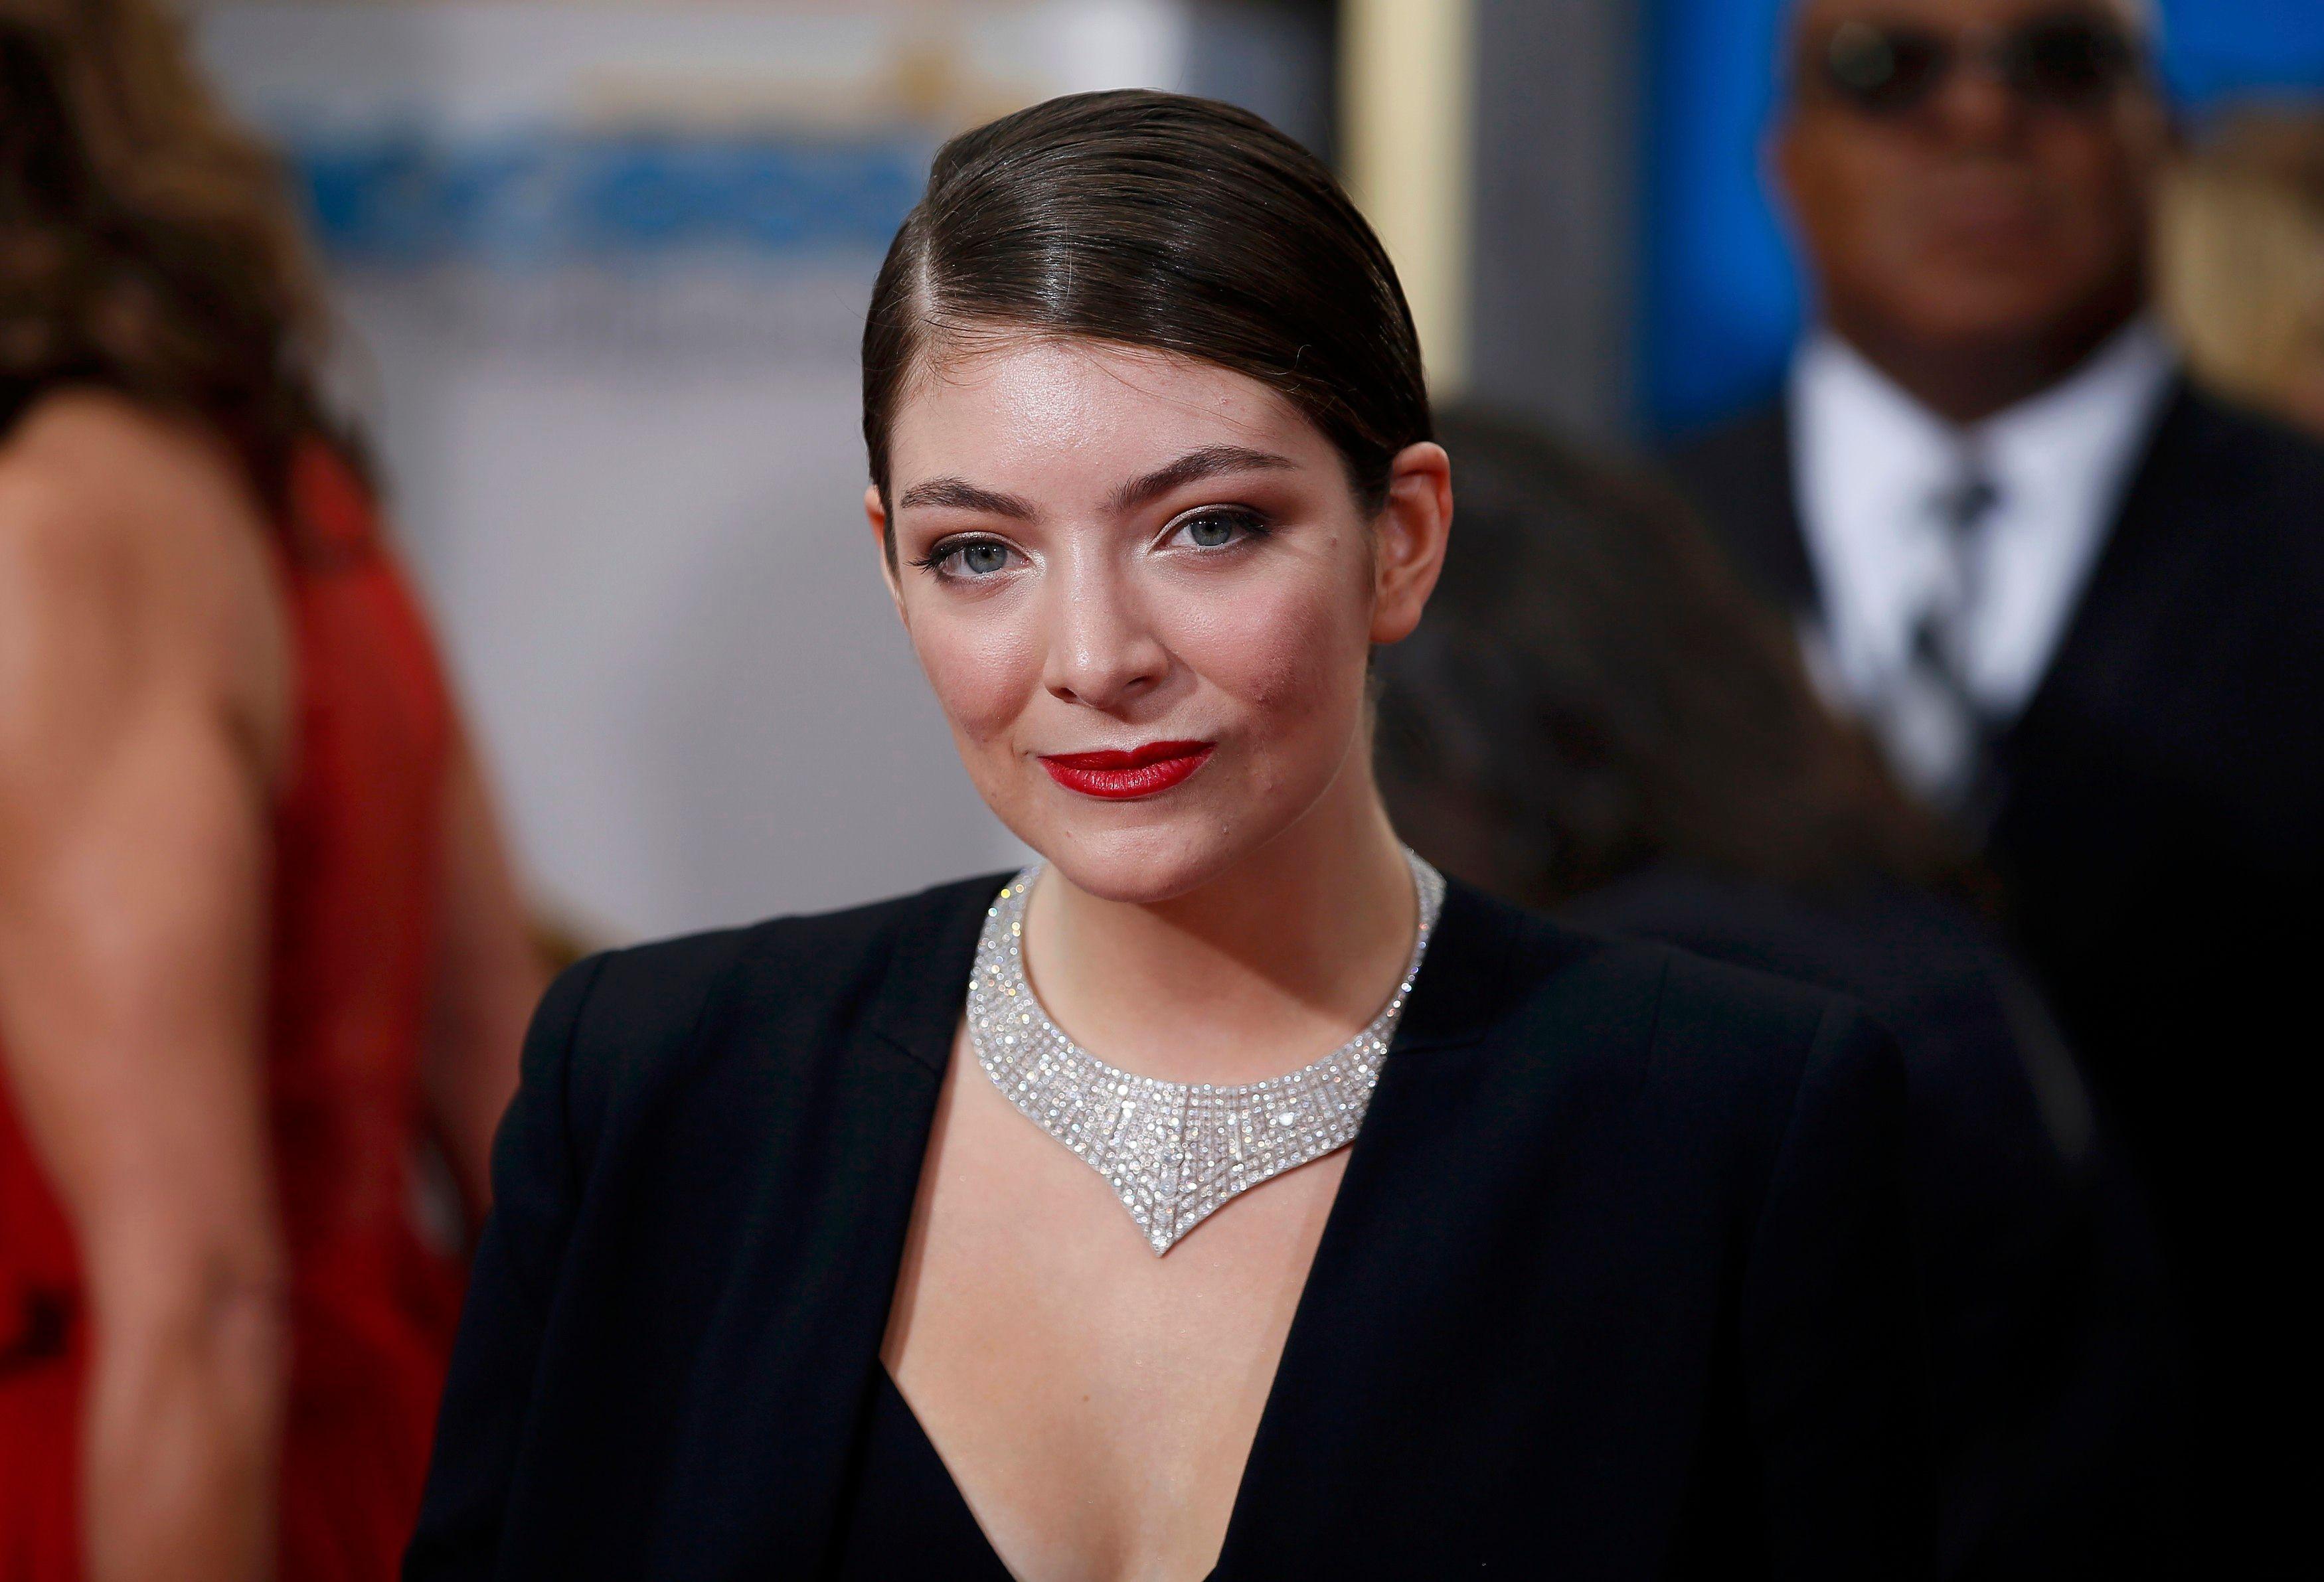 8. Lorde